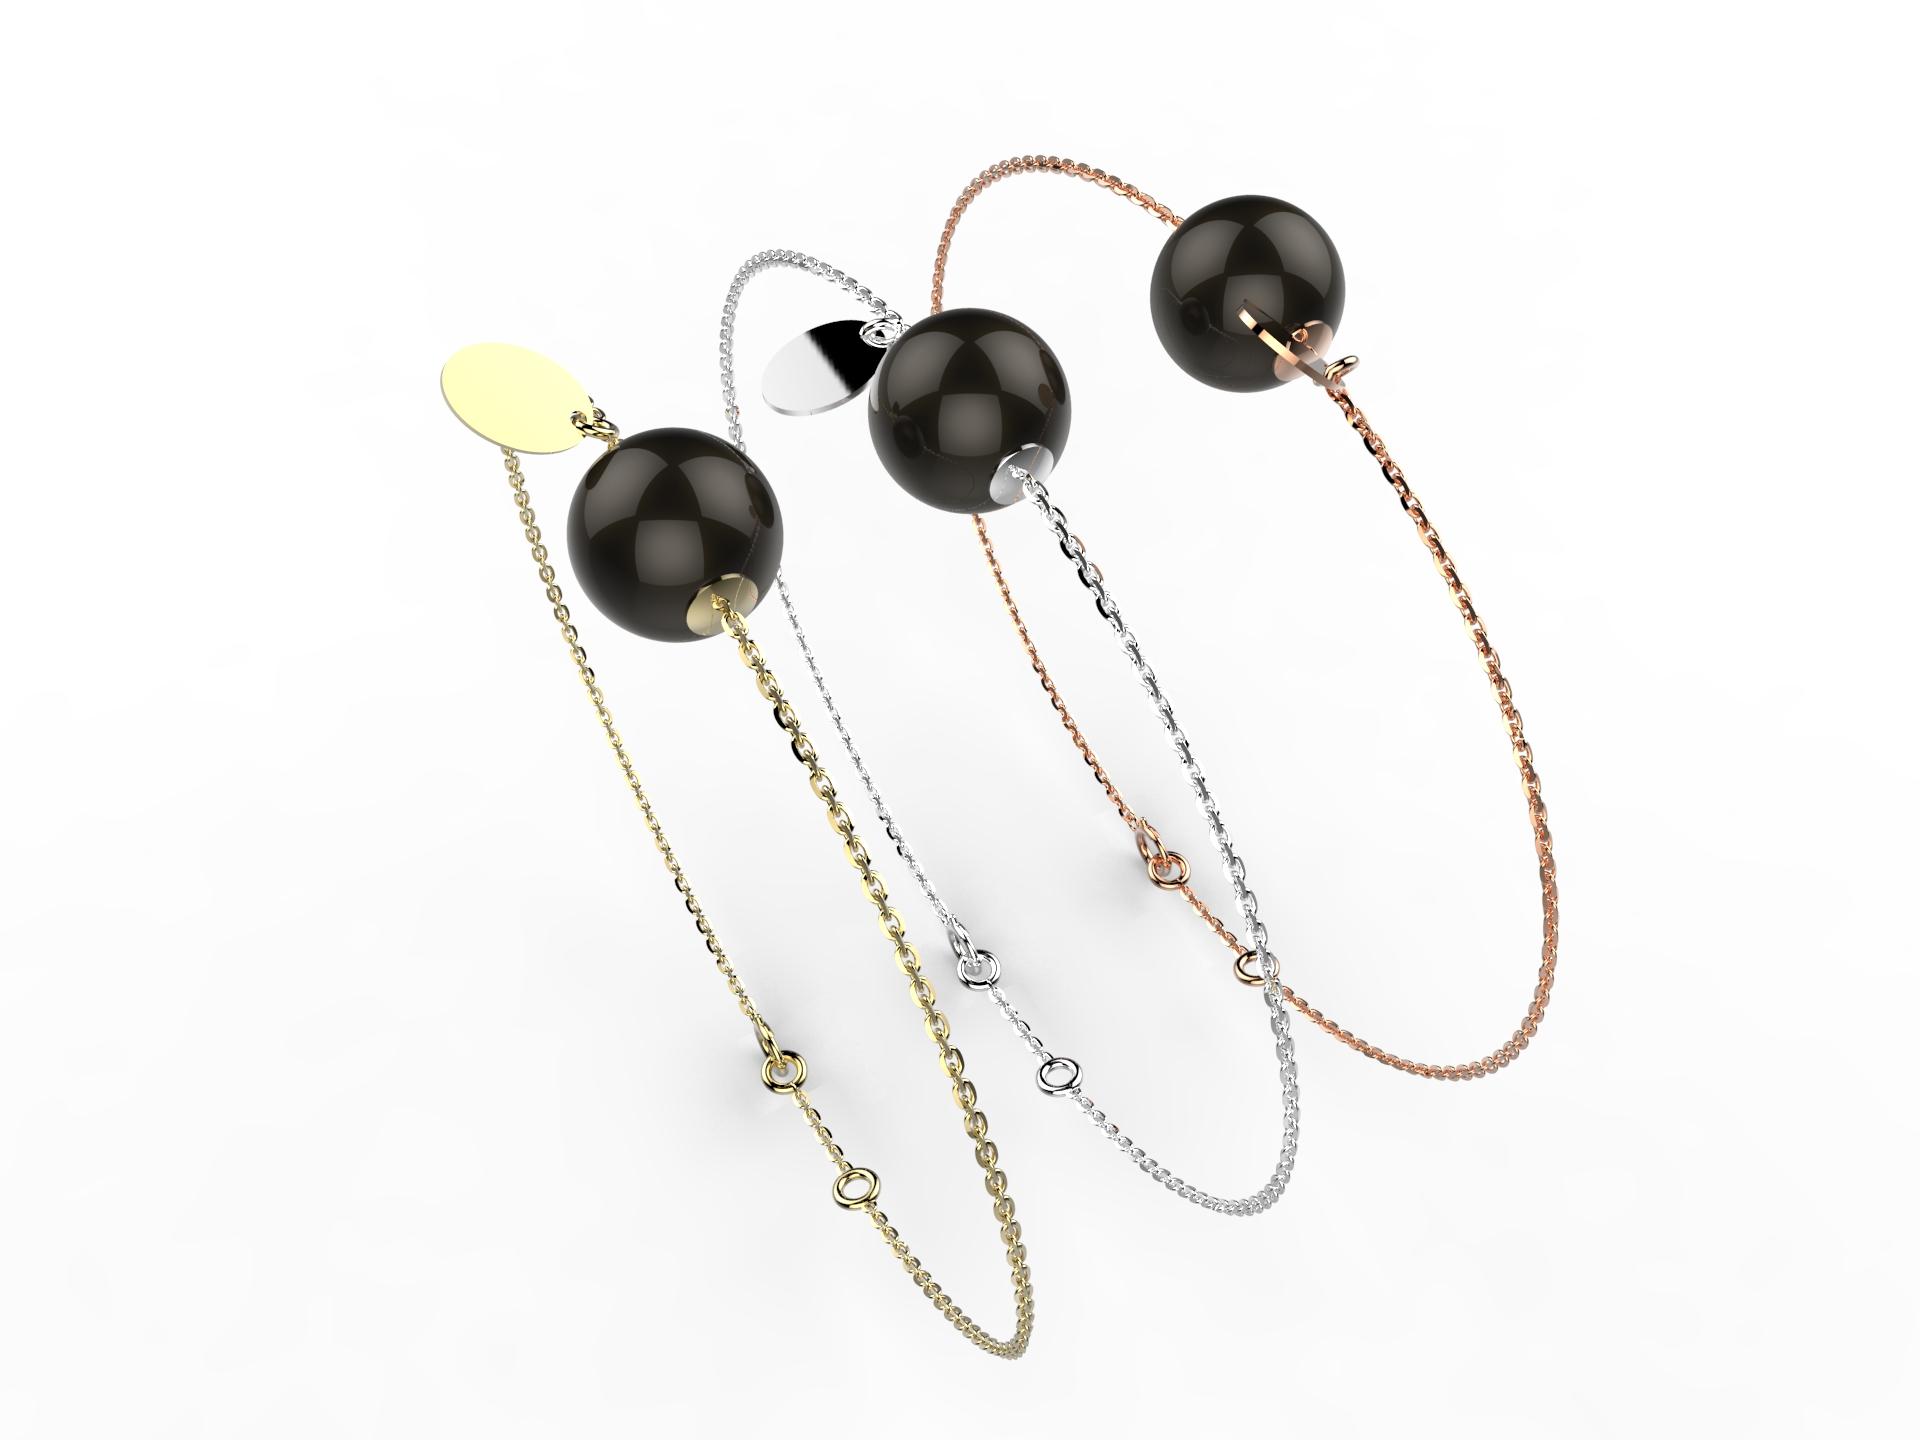 Bracelet or perle agate noire 305 €